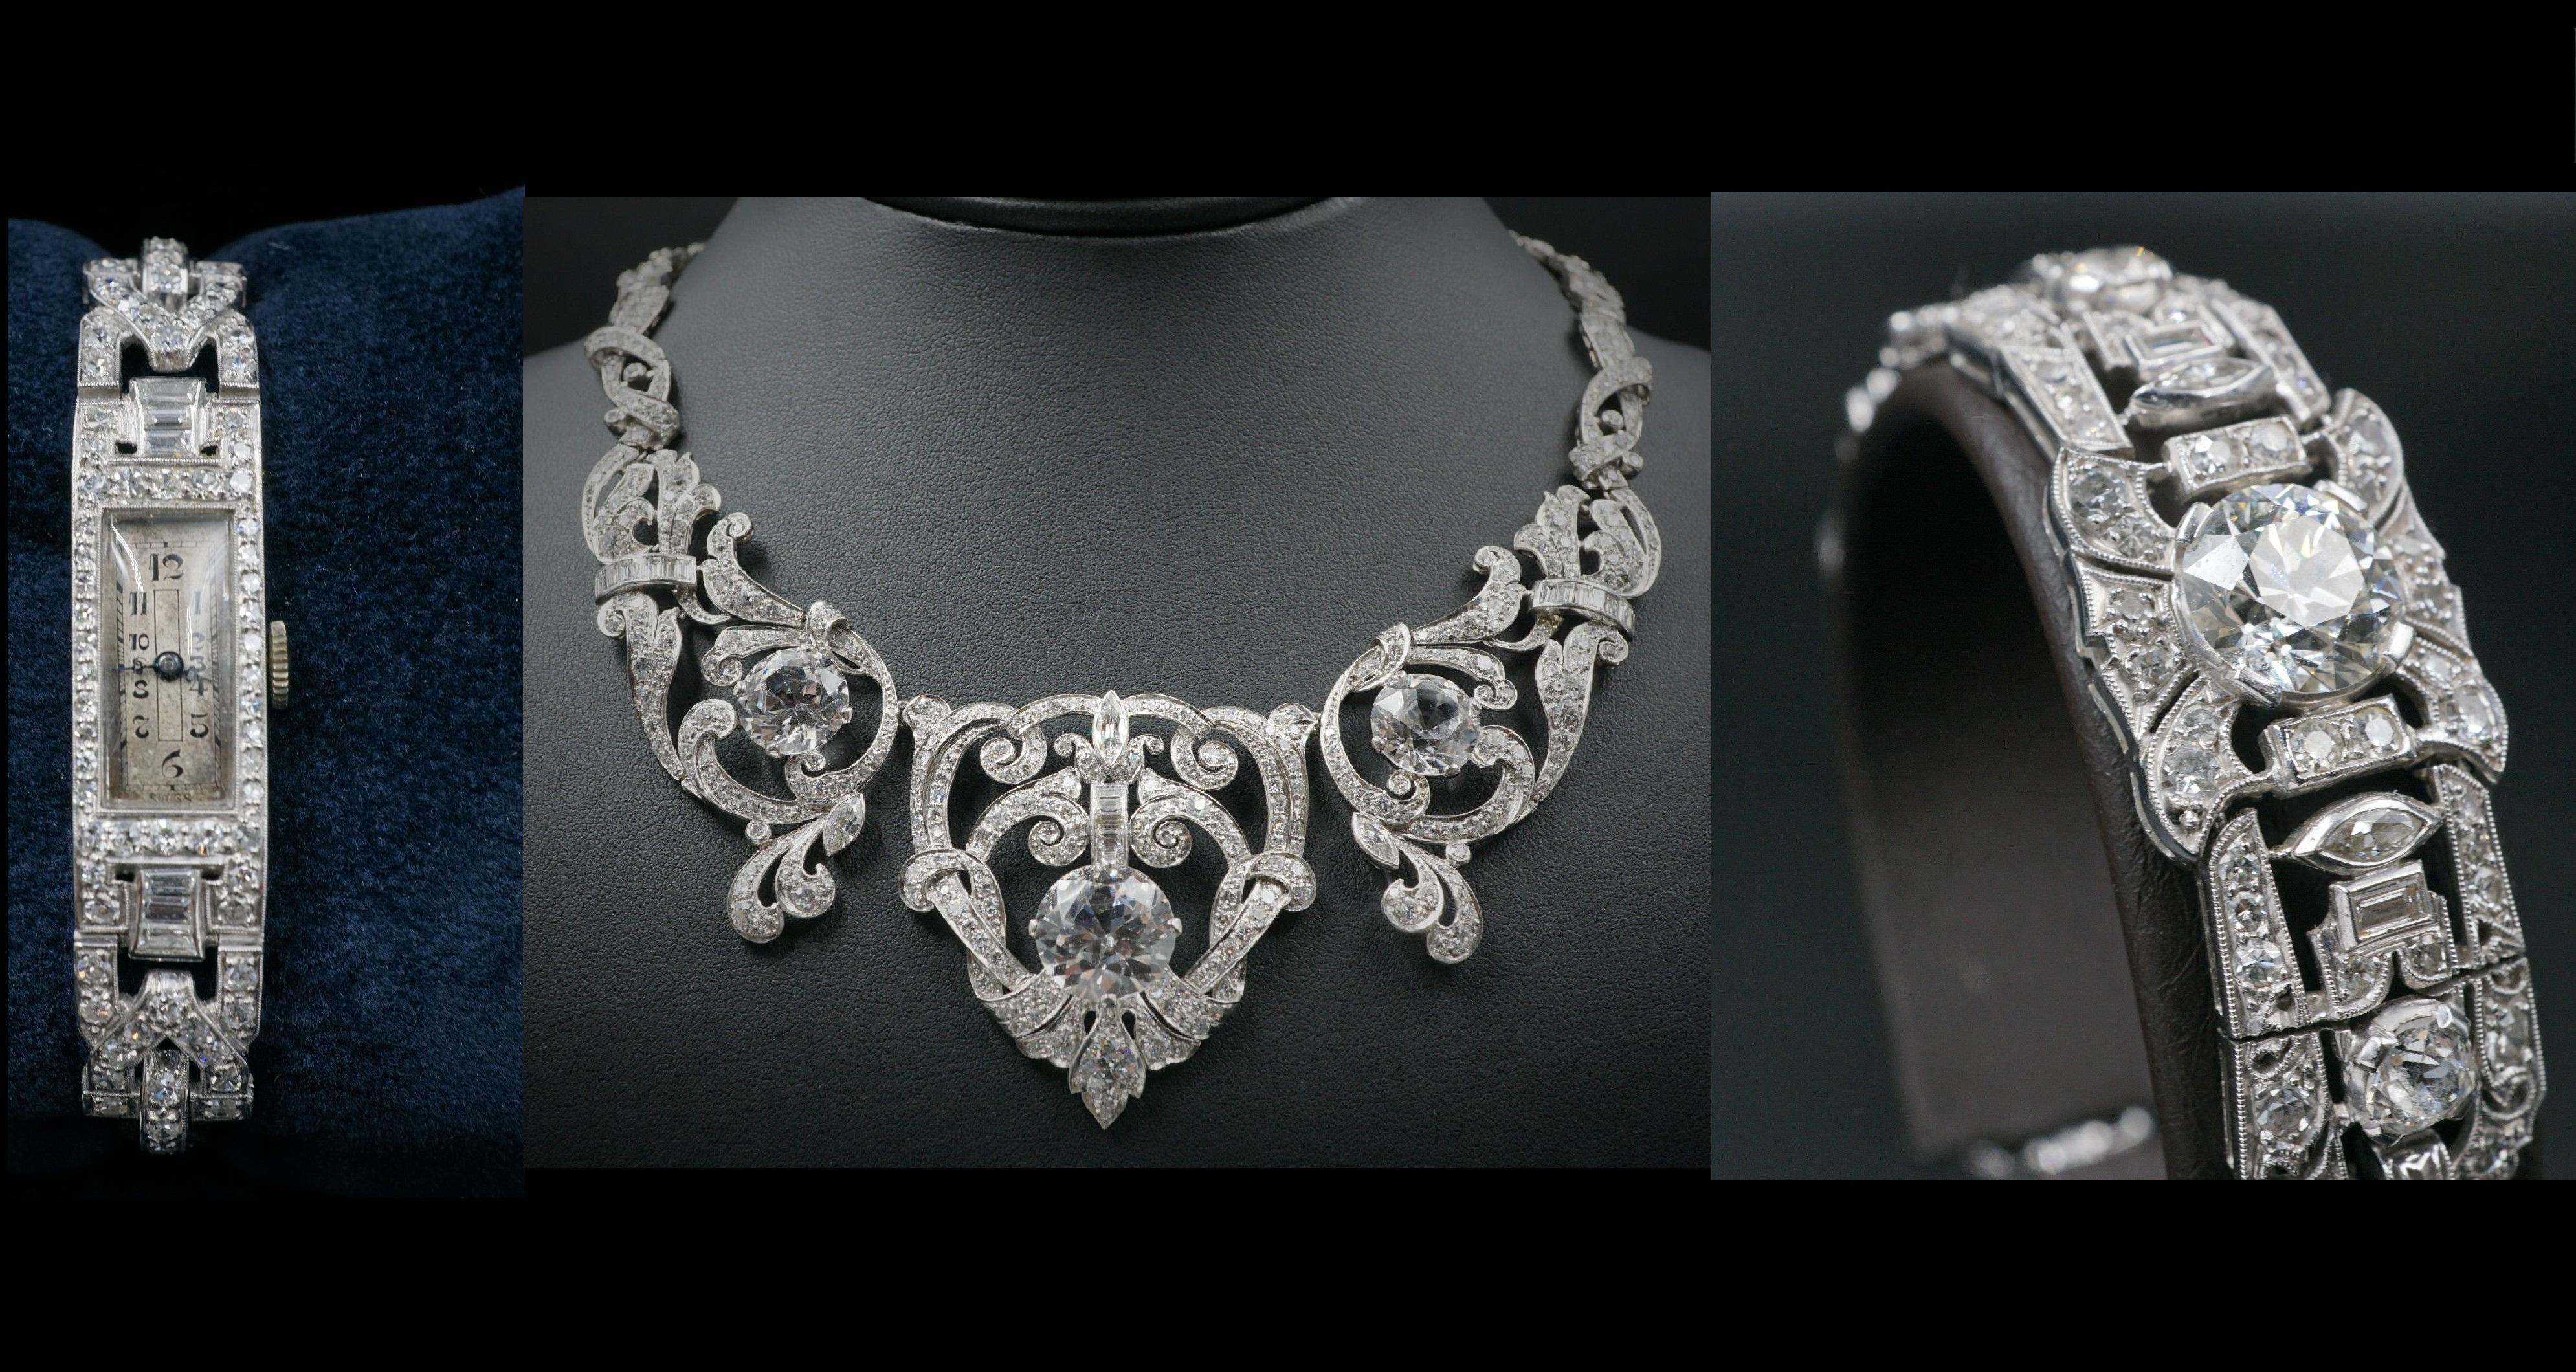 Mae West Owned Edwardian Platinum 23ct Diamond Necklace Bracelet Suite CO169